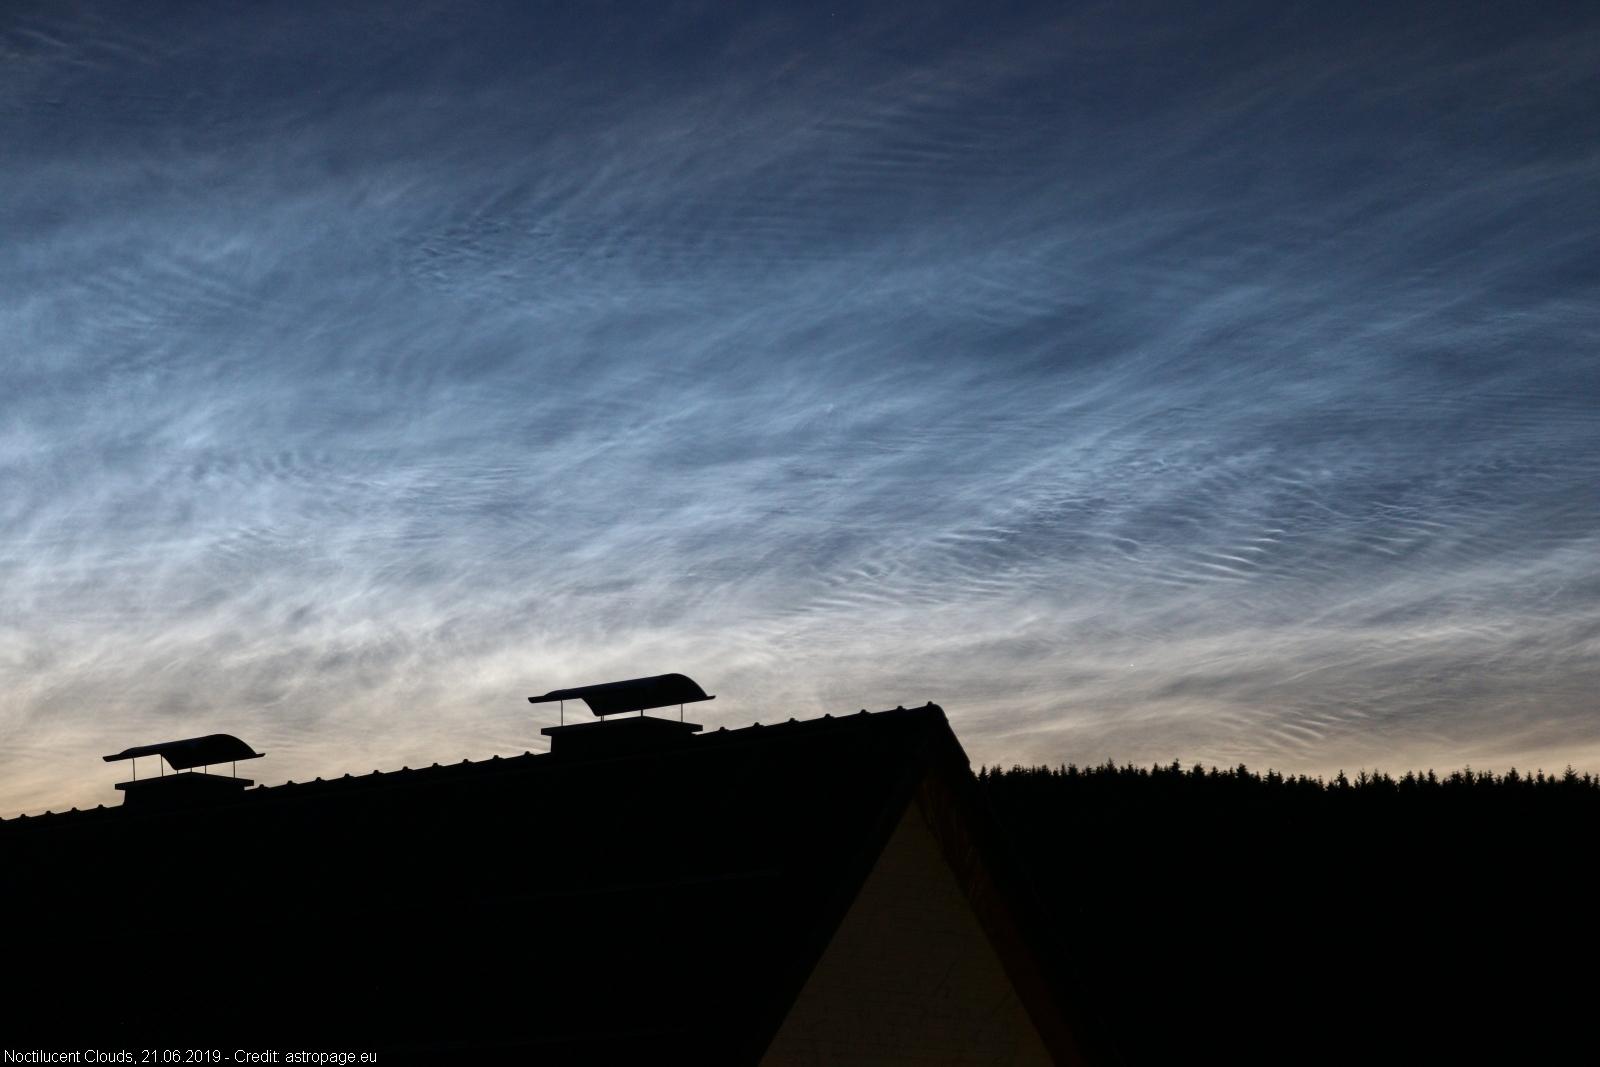 leuchtendenachtwolken21062019_9_lab